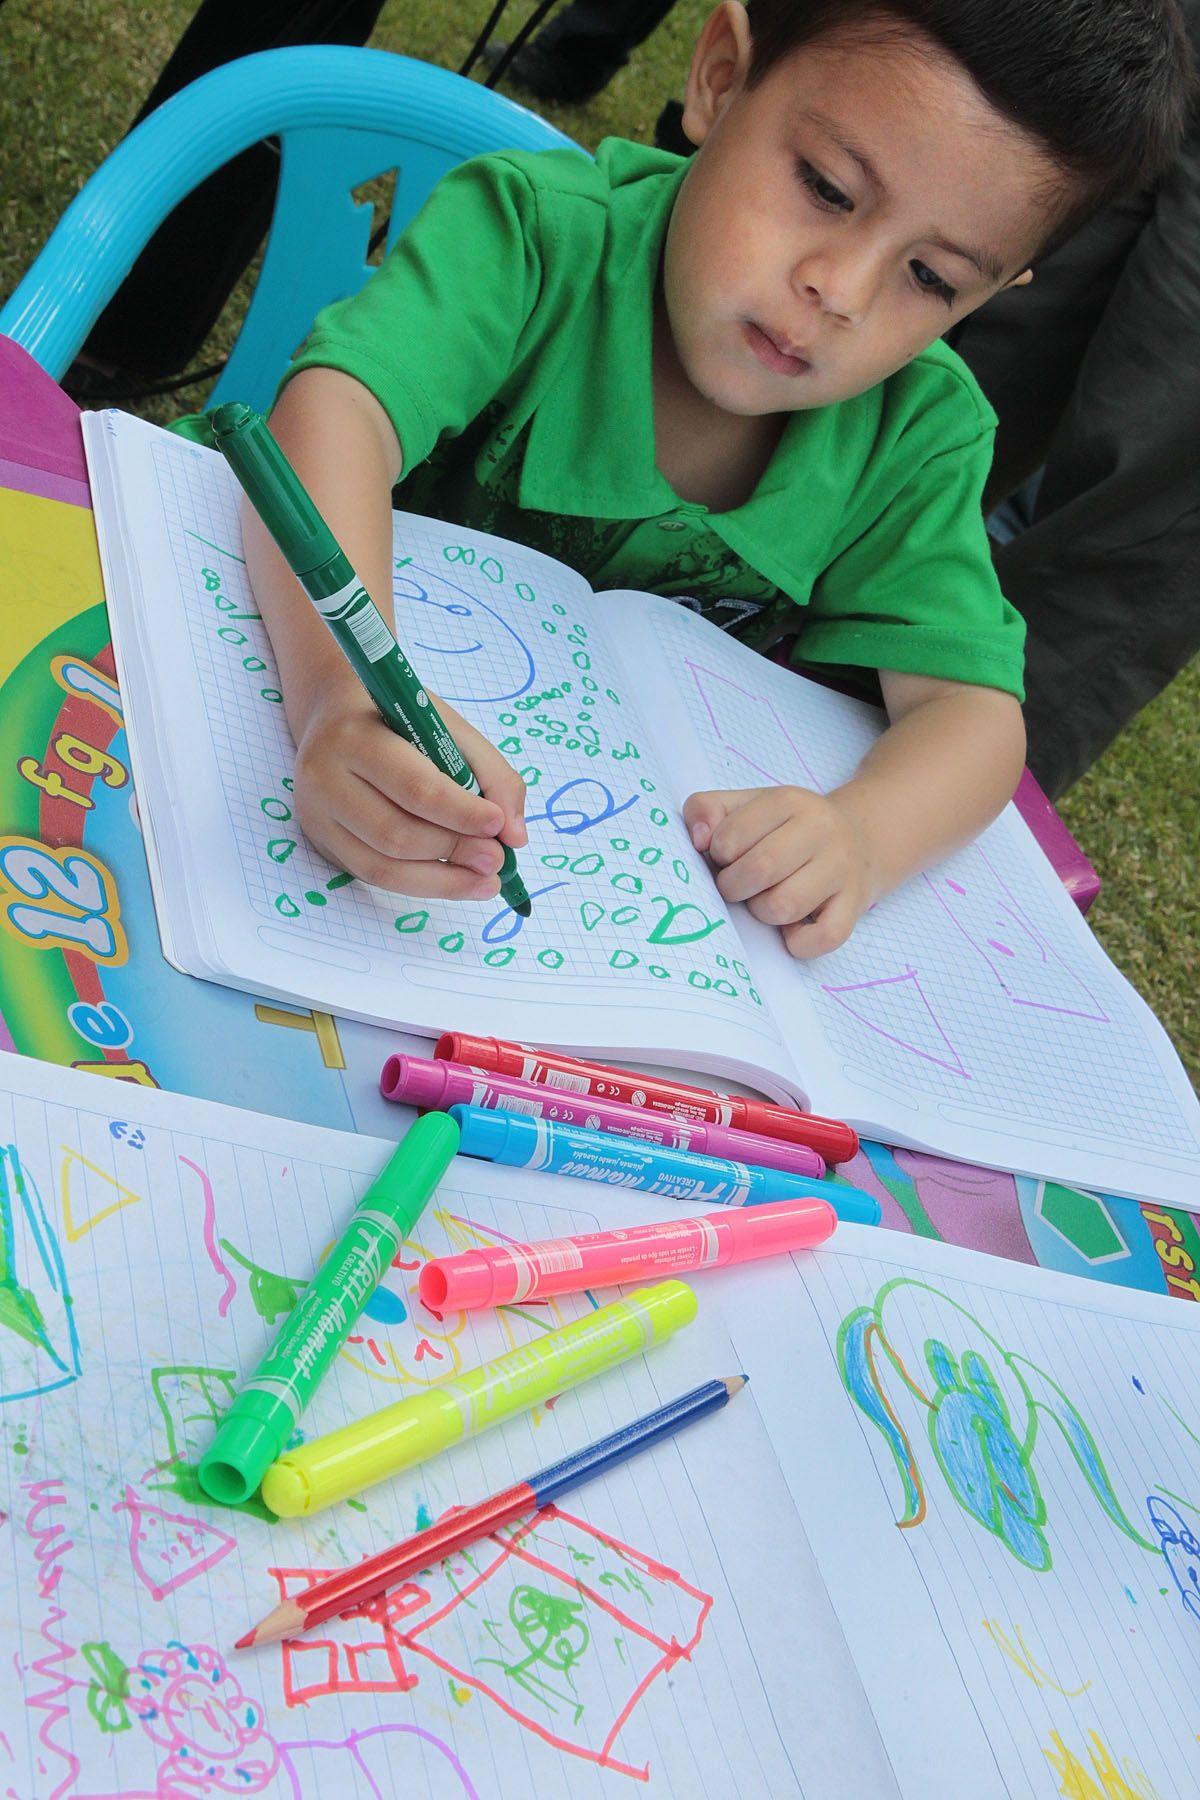 Los niños pueden ser los más afectados con los útiles tóxicos. Foto: ANDINA/Carlos Lezama.